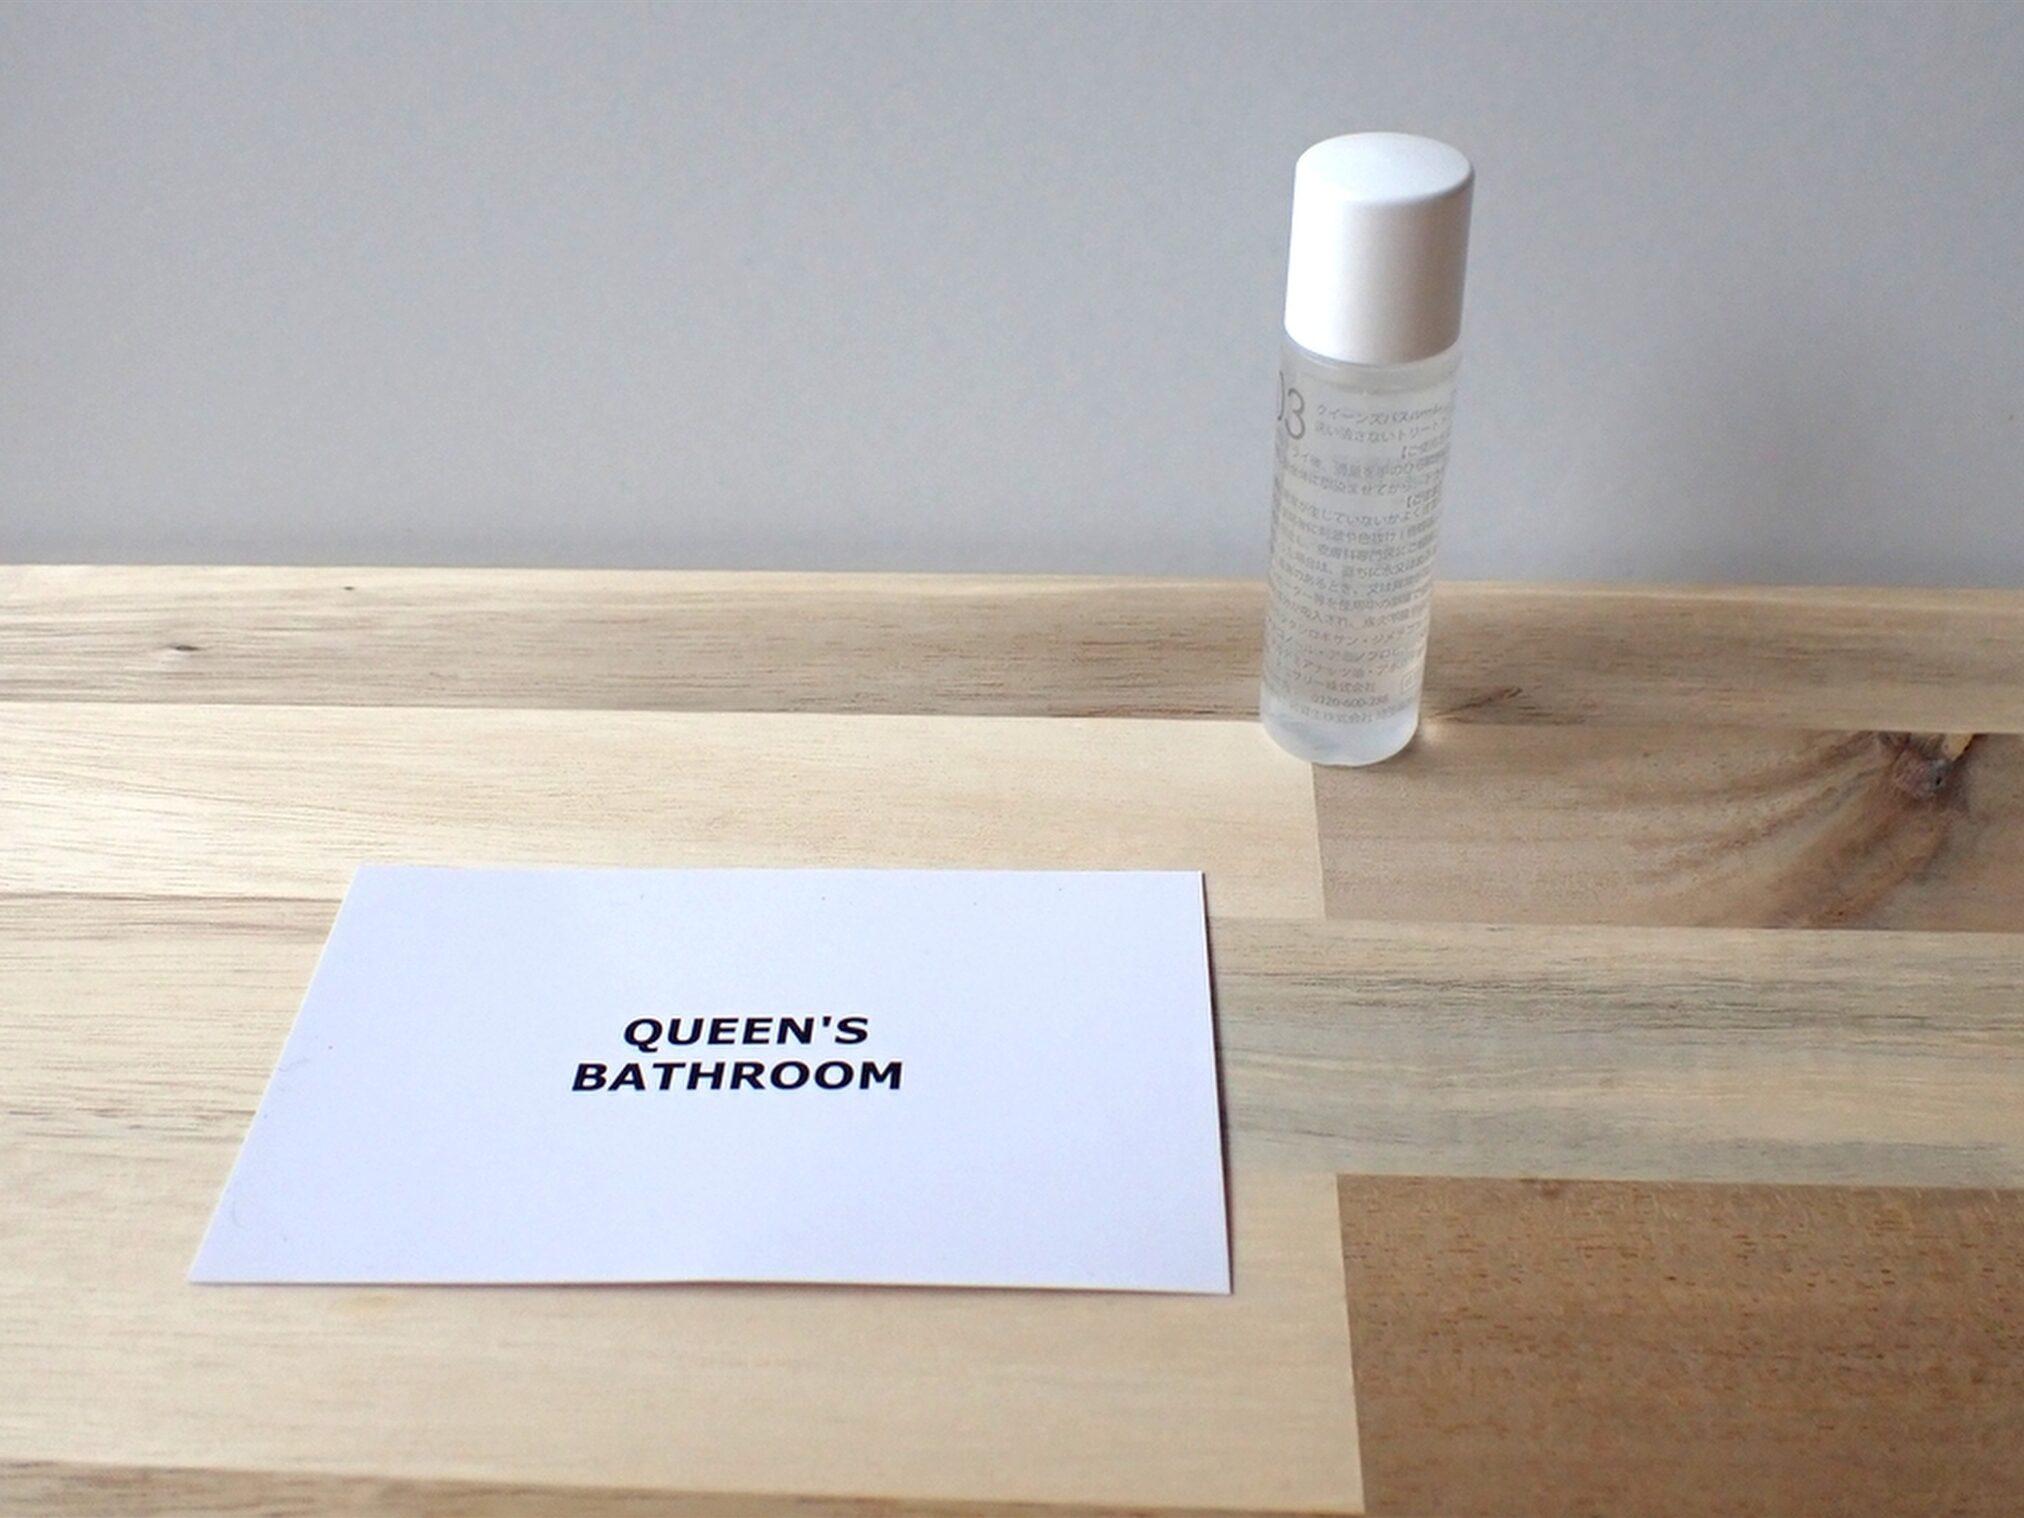 ネセサリー株式会社 QUEEN'S BATHROOM クイーンズバスルーム アメイジングシャインヘアオイル お試しサイズを買ってみた